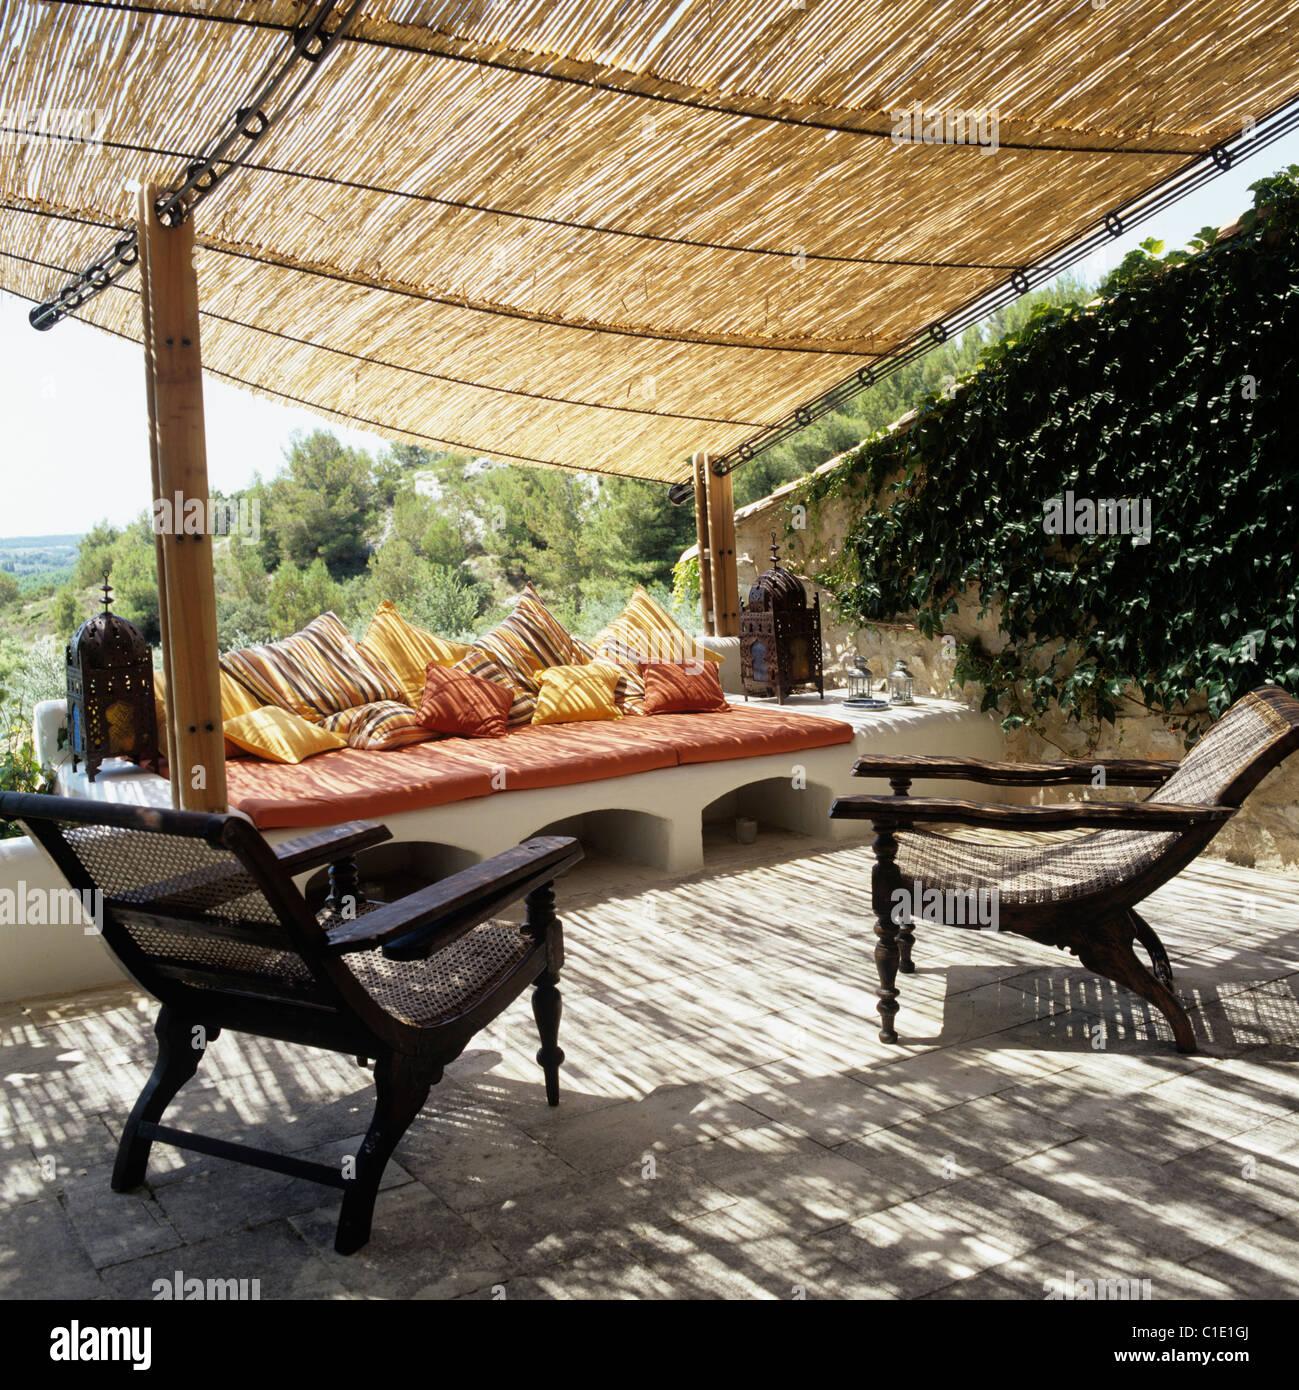 fauteuils en bois et des sièges confortables sur terrasse avec